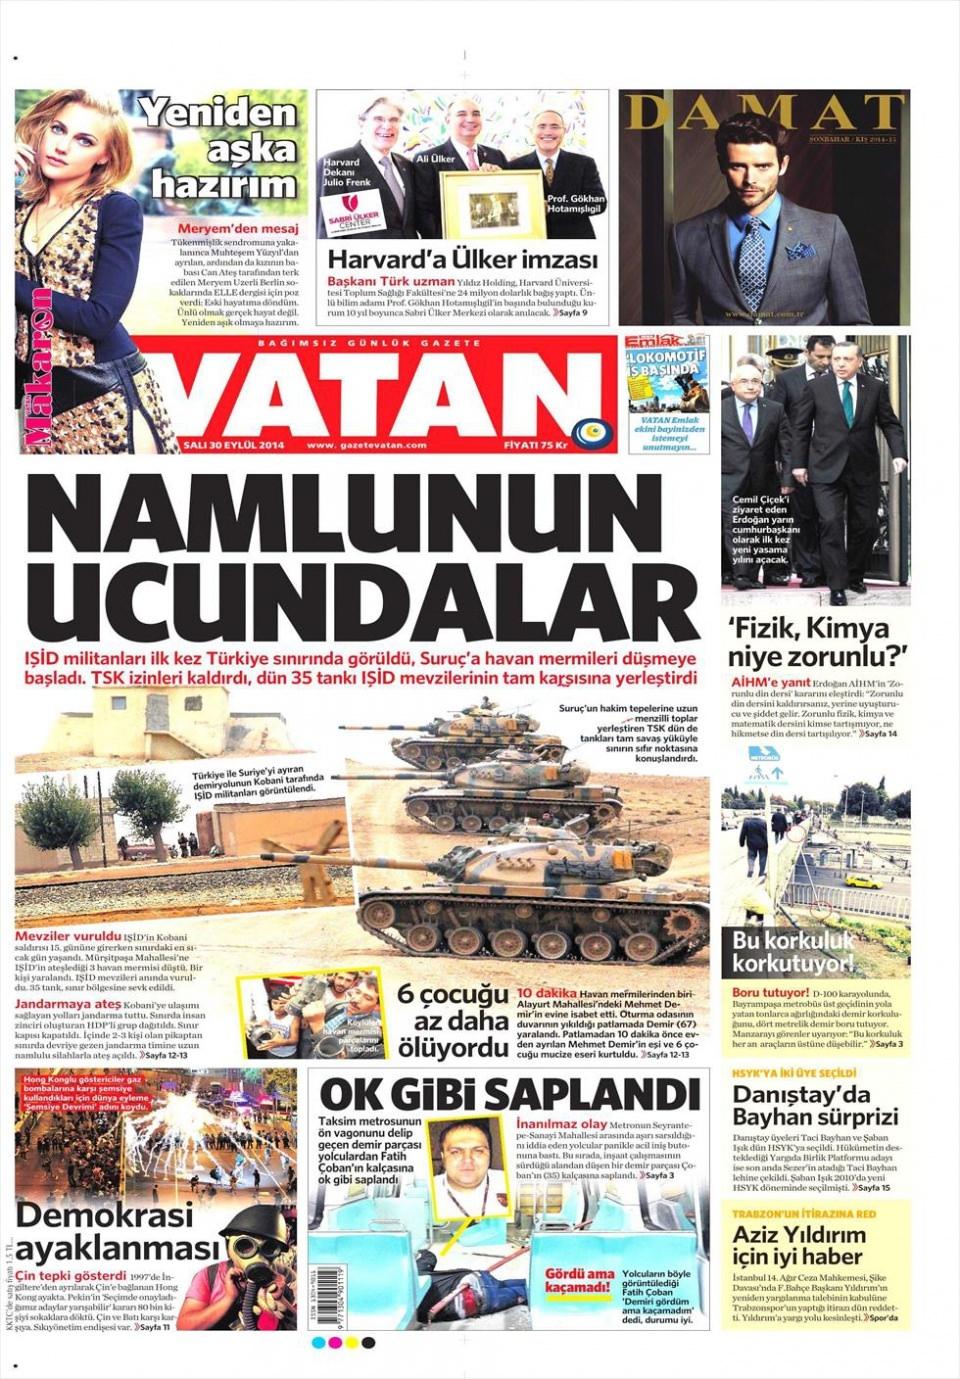 30 Eylül 2014 gazete manşetleri 22